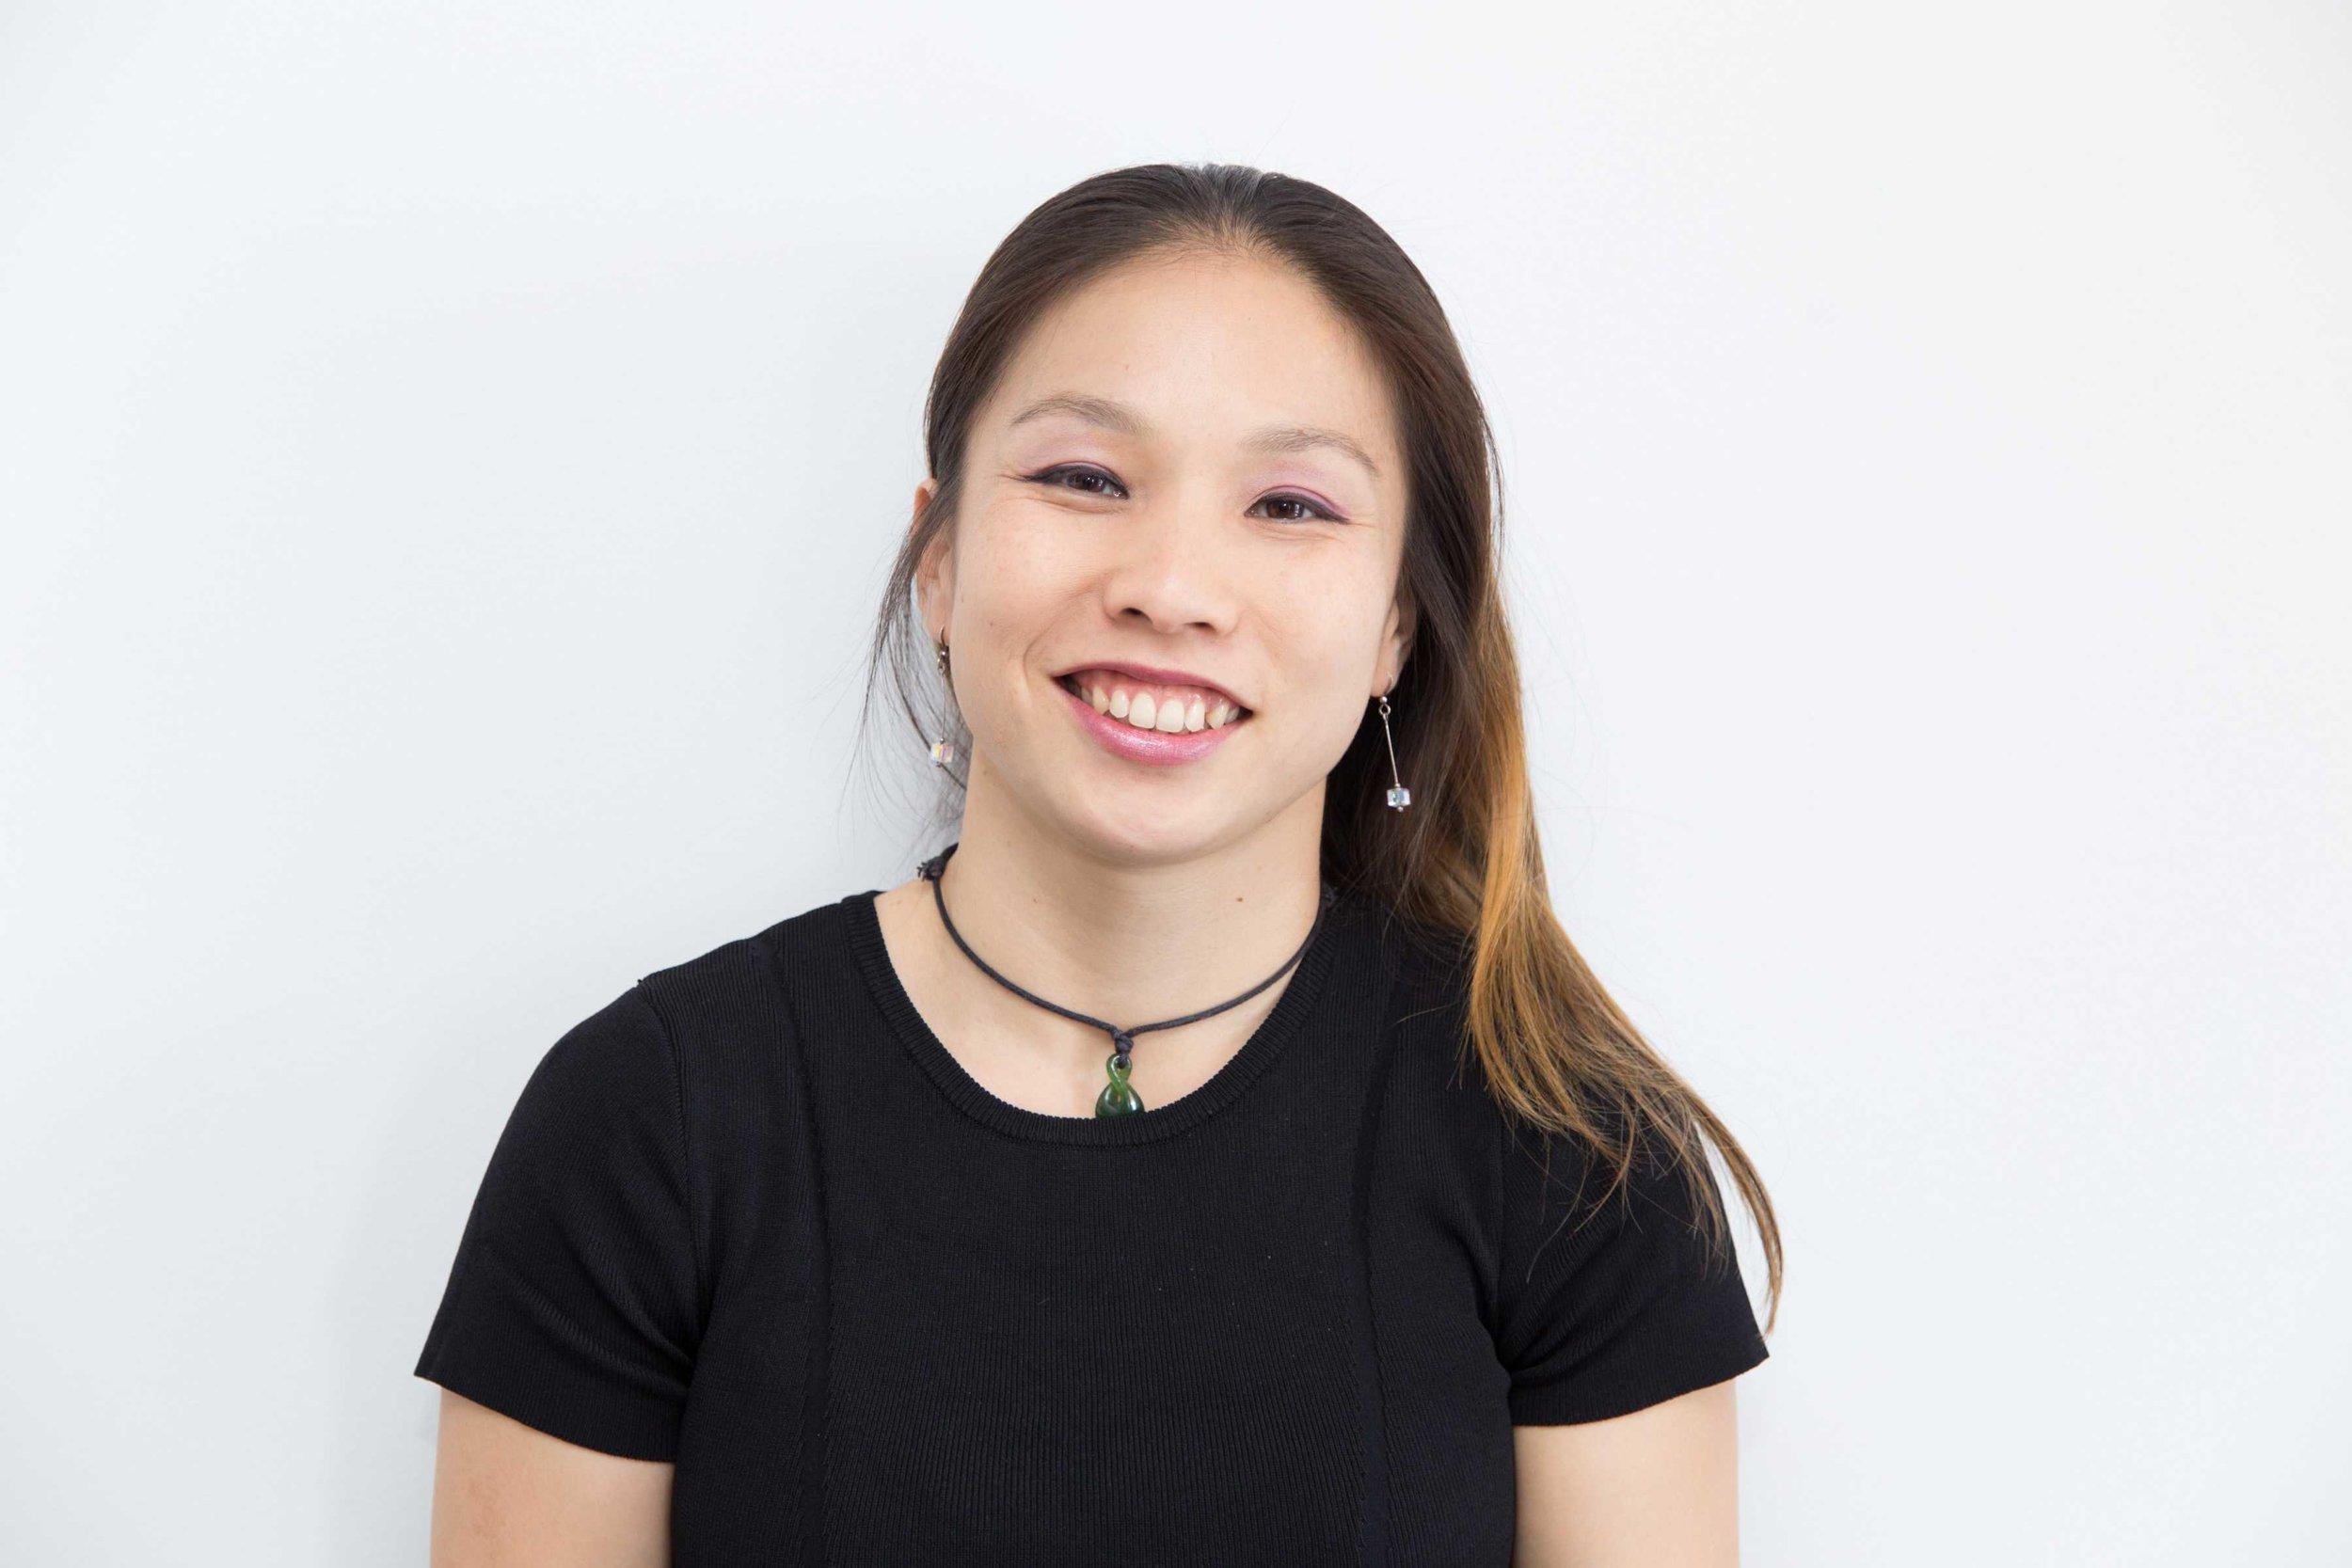 Vivian Chandra